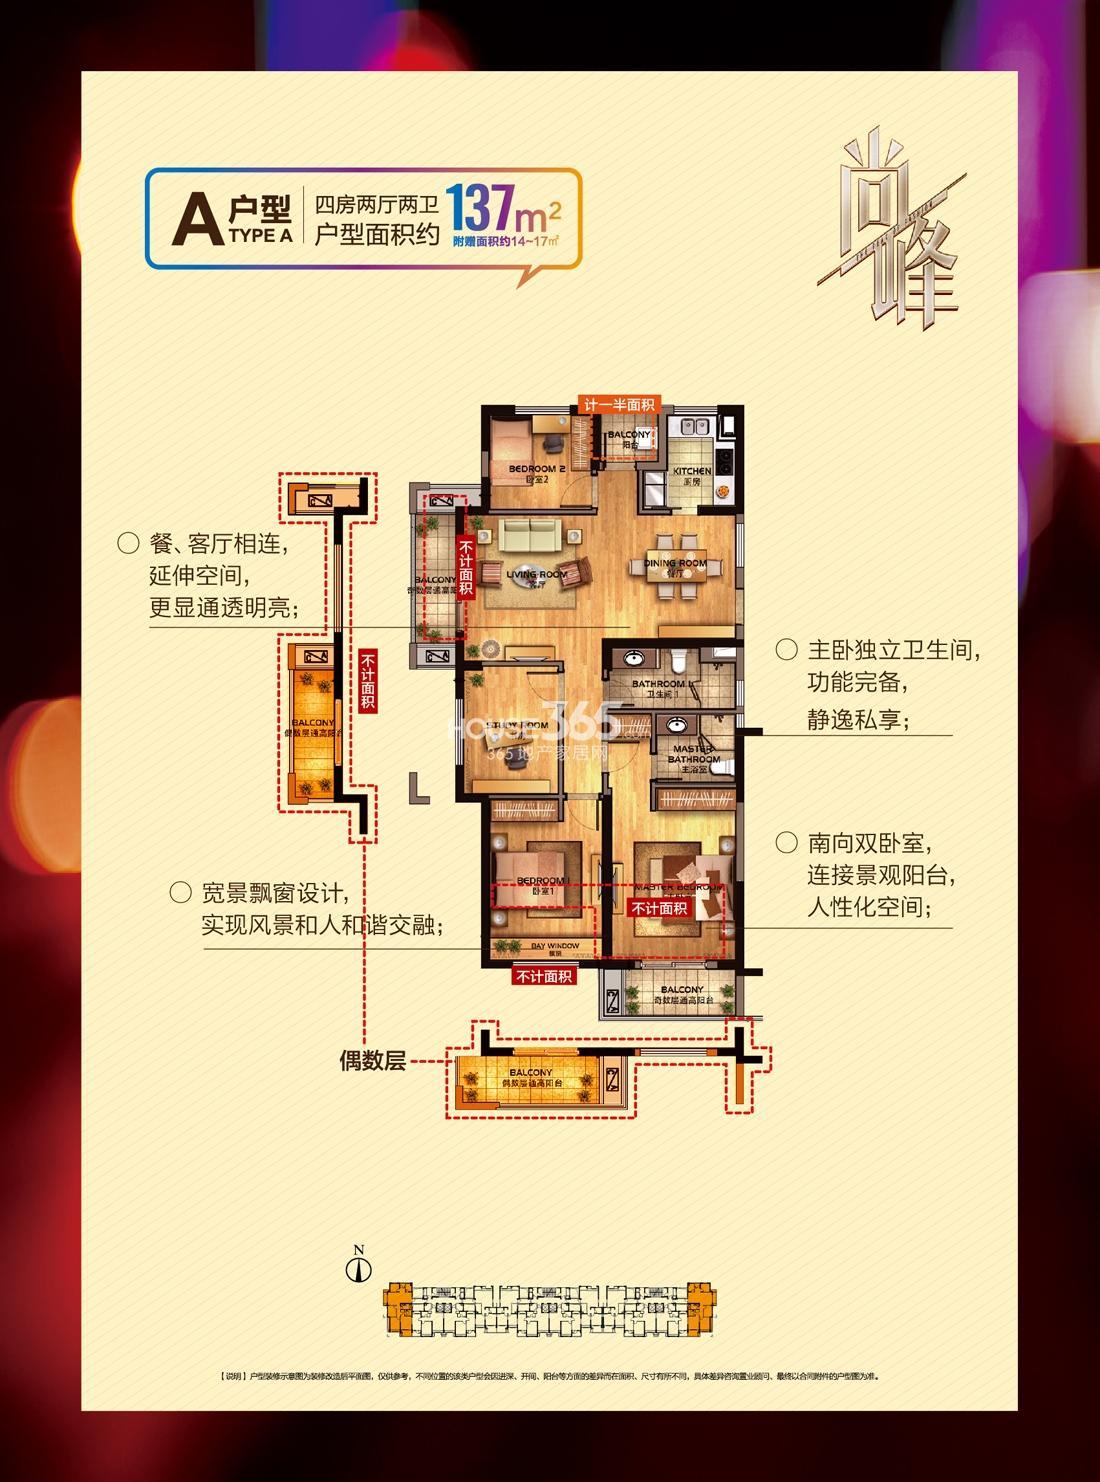 华元欢乐城东区尚峰4号楼A户型137方四房两厅两卫